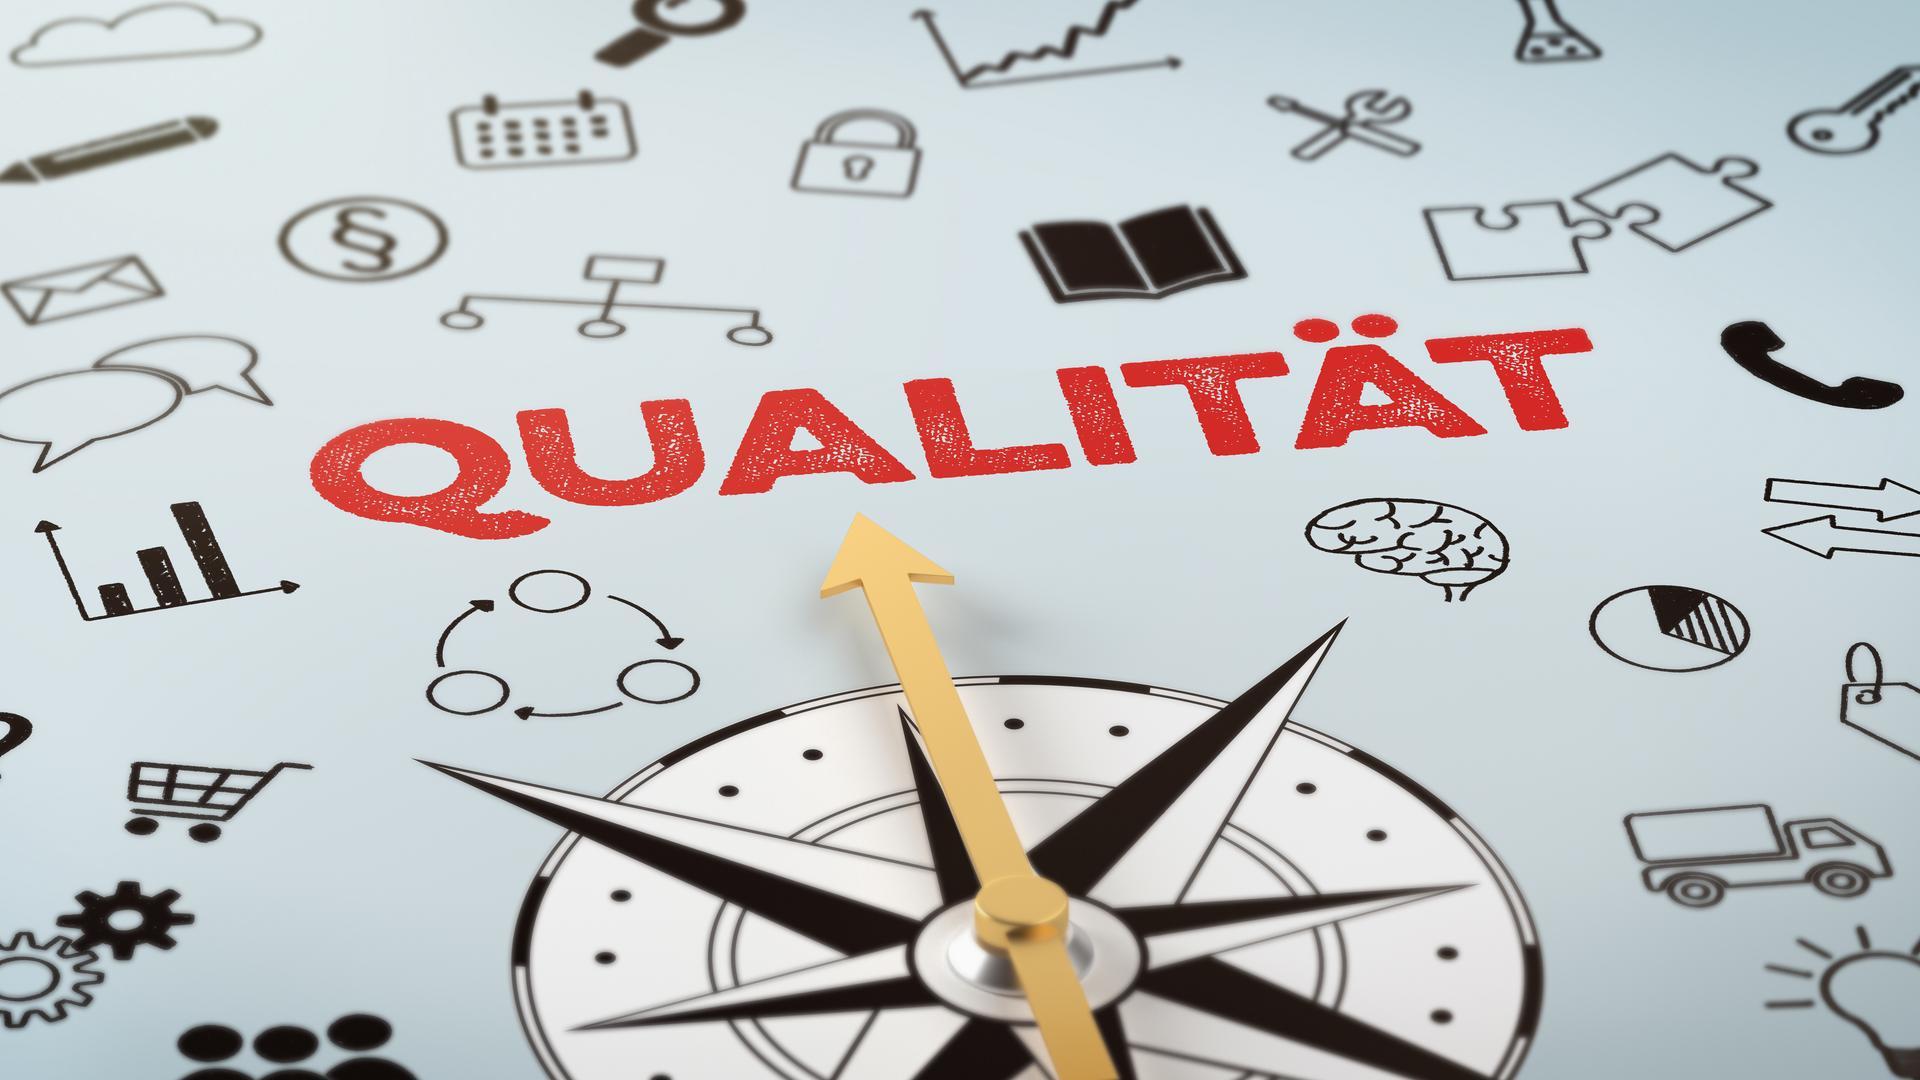 Qualitatssicherungsausschuss gutberaten